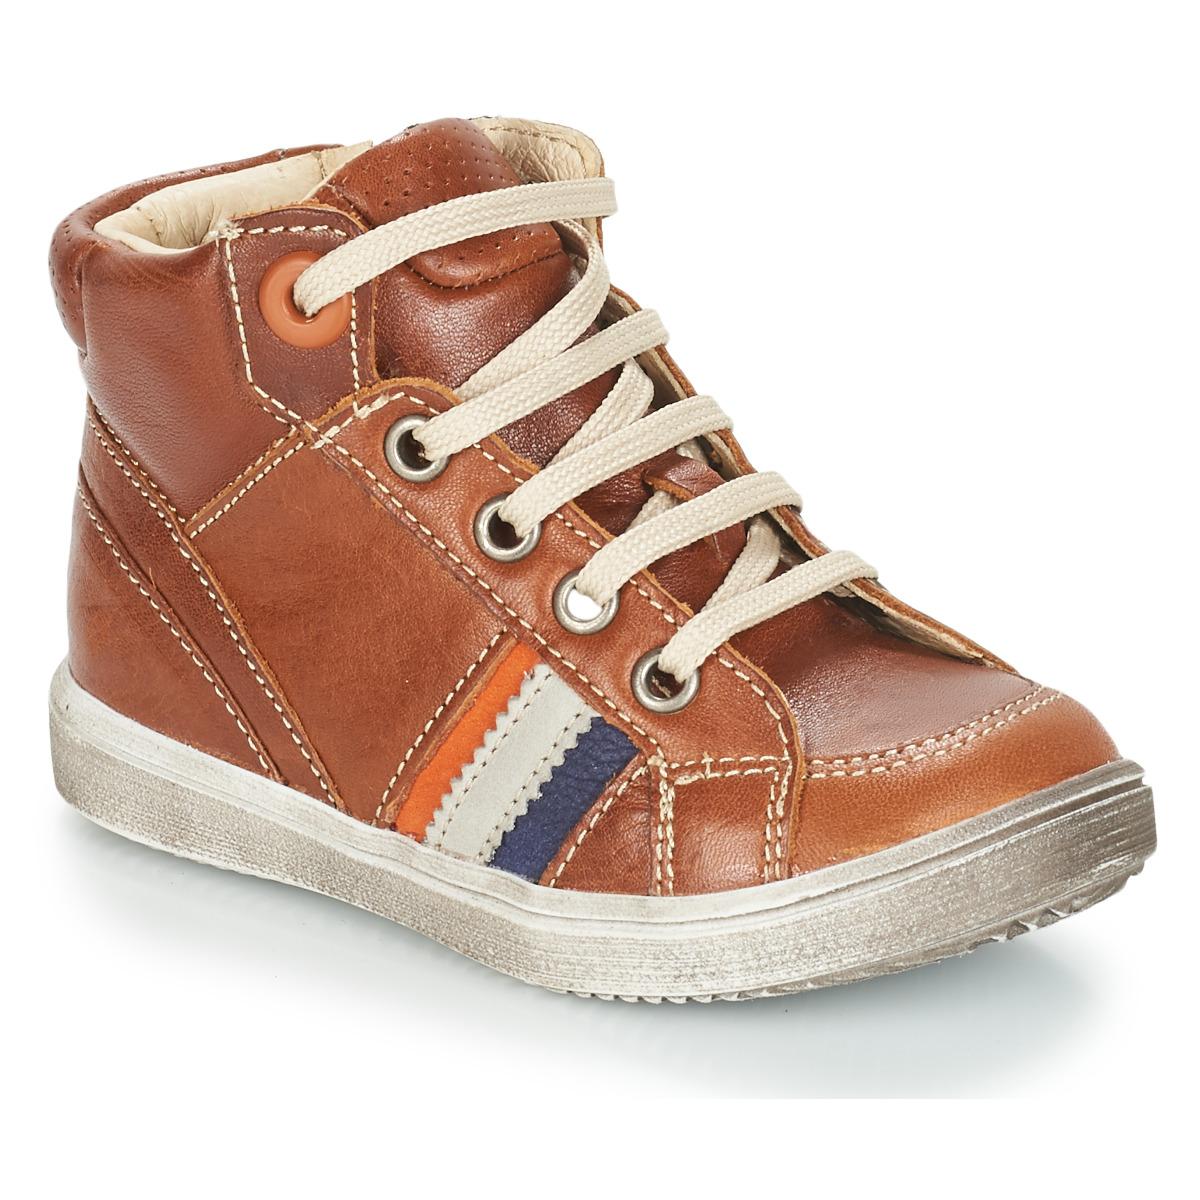 GBB ANGELITO Braun / Dpf / 2367 - Kostenloser Versand bei Spartoode ! - Schuhe Klassische Stiefel  47,40 €